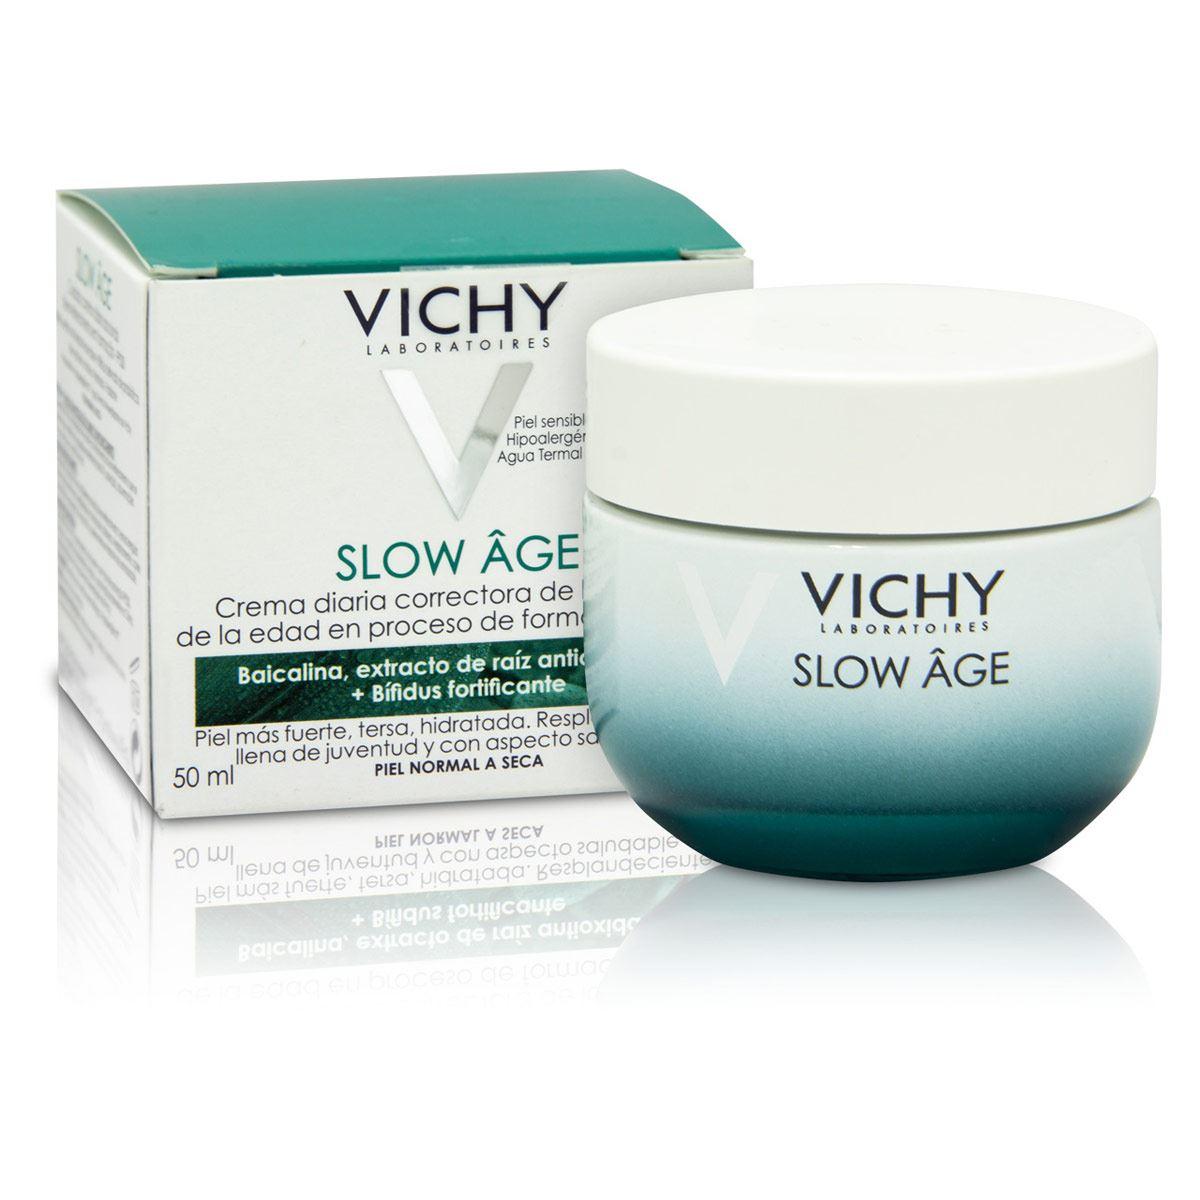 Vichy slow age crema rostro de 50 ml  - Sanborns